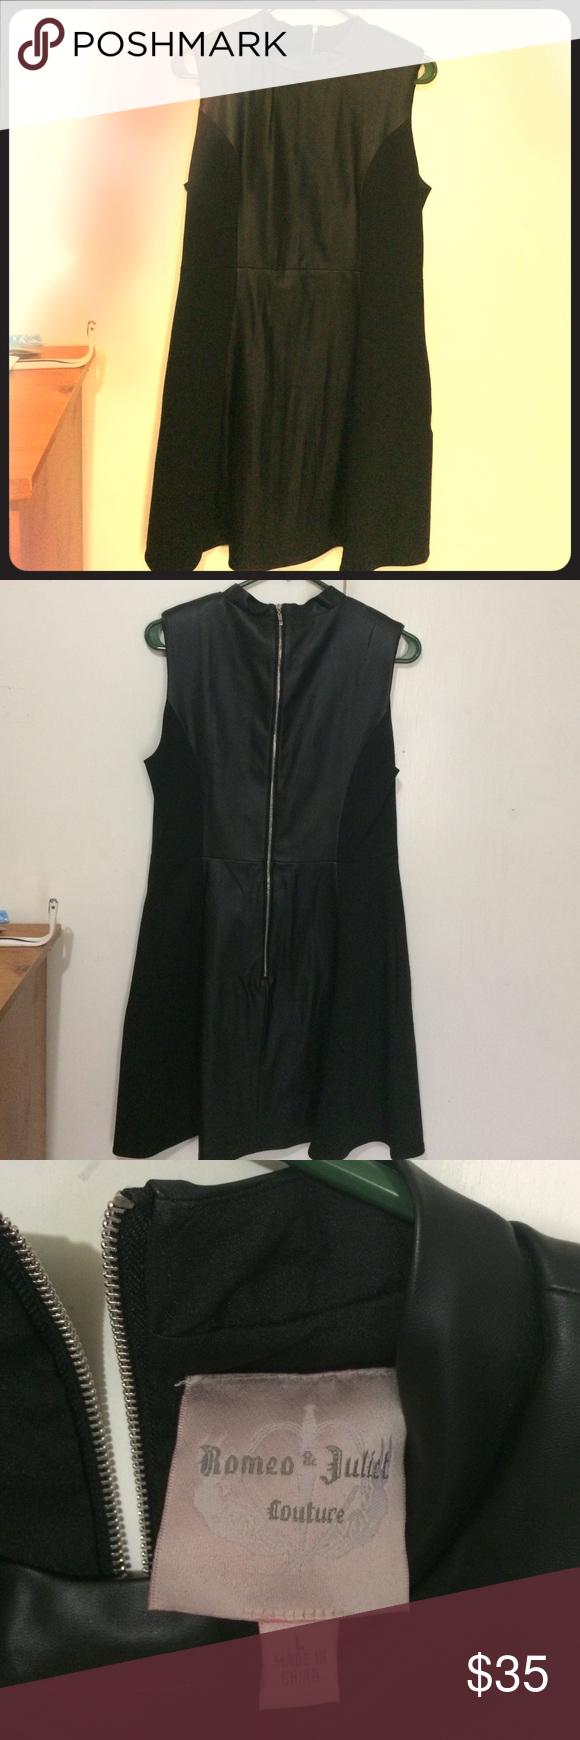 Black Romeo & Juliet couture dress Size Large black with pleather dress. Worn once. Romeo & Juliet Couture Dresses Midi